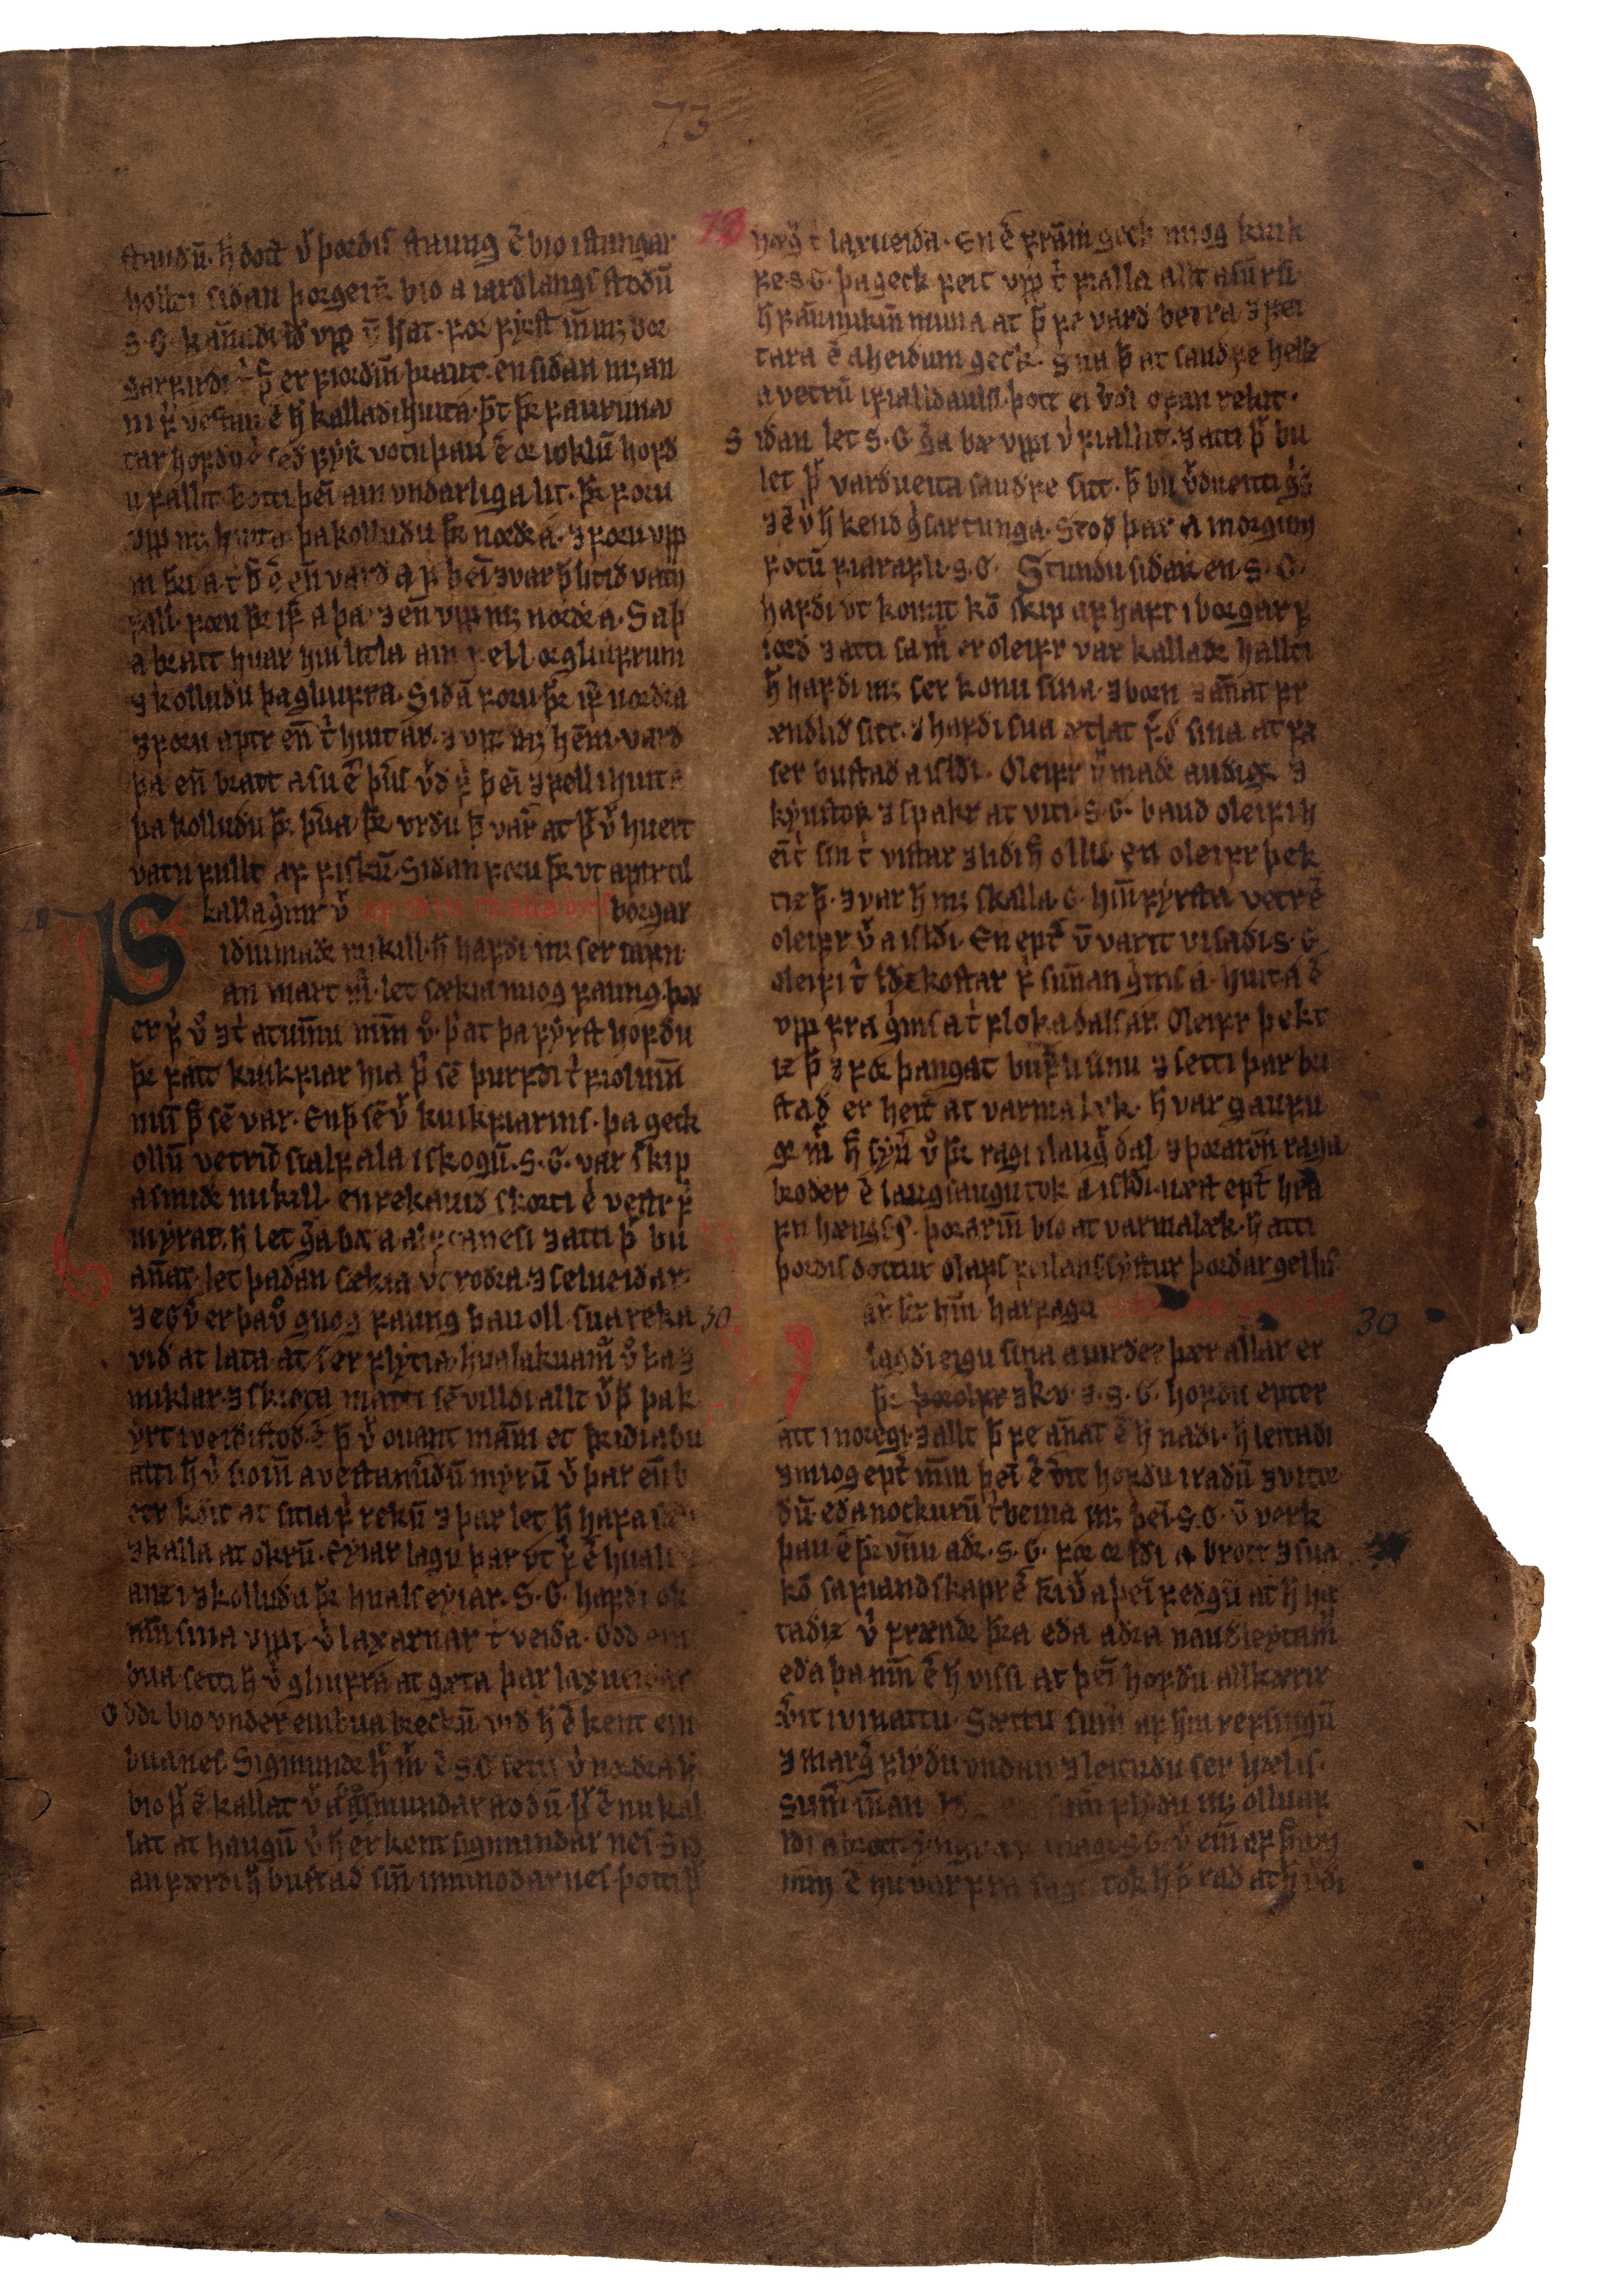 AM 132 fol - 73r